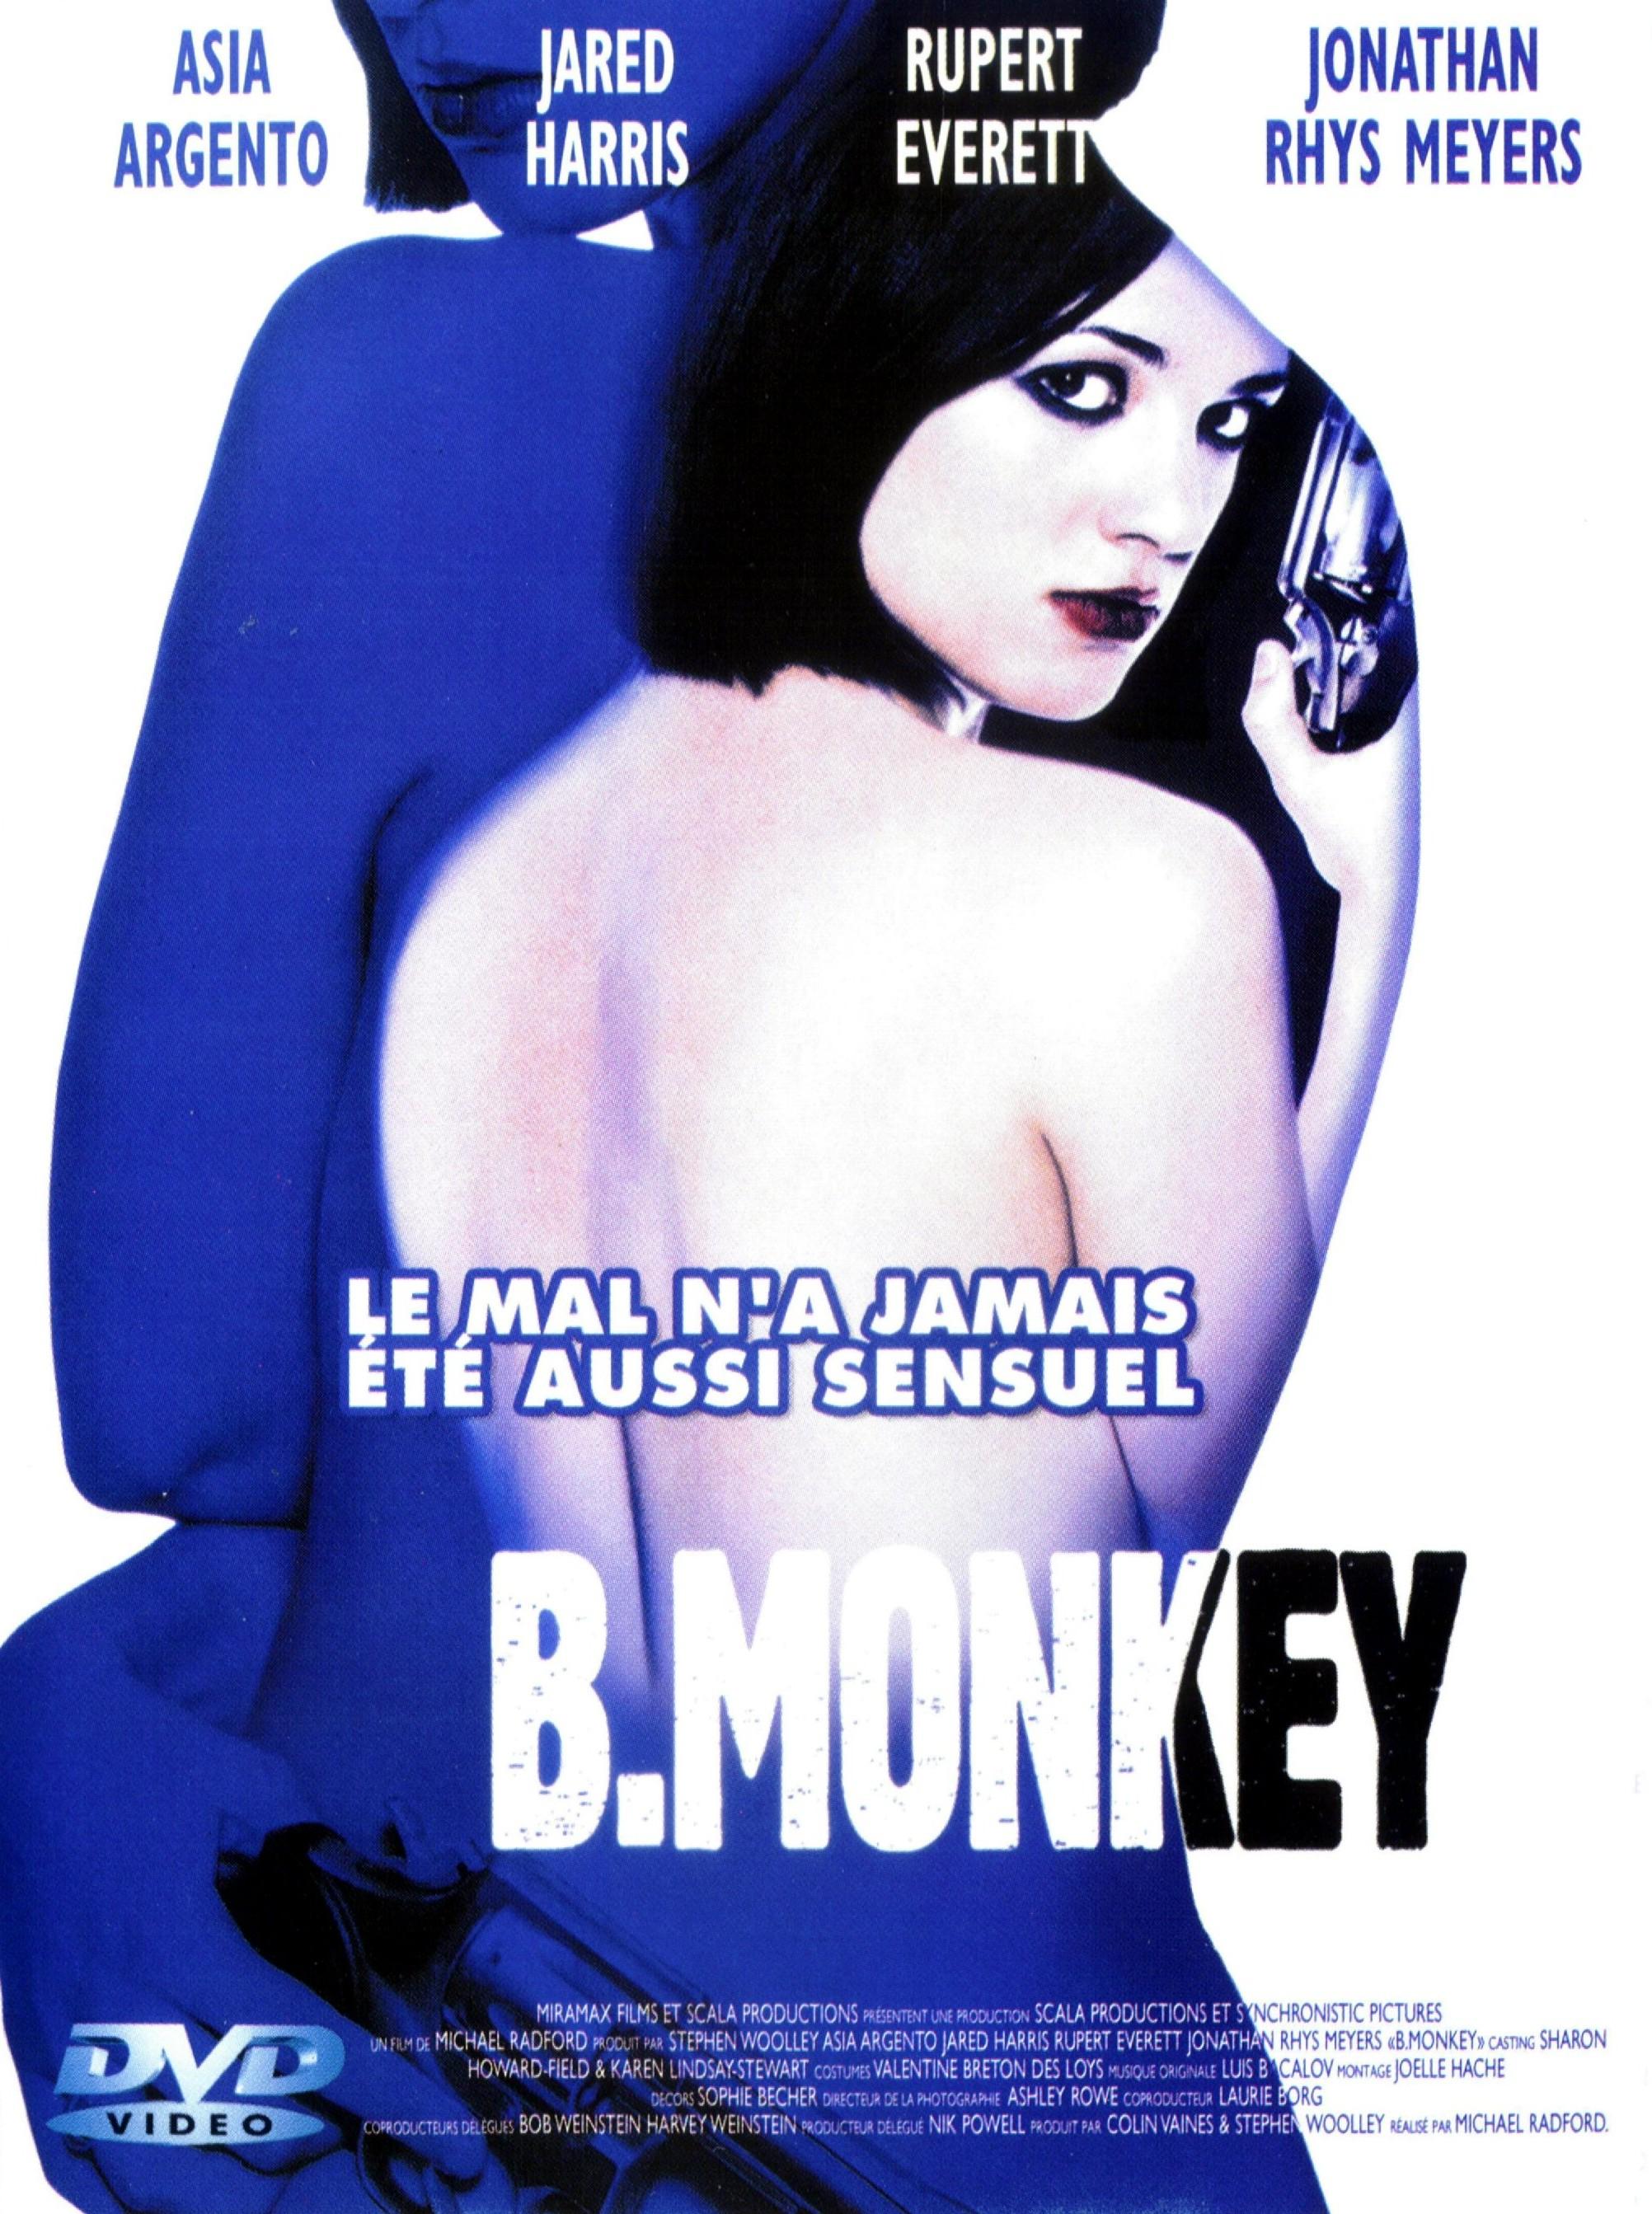 asia-argento_actress_b-monkey_movie-poster